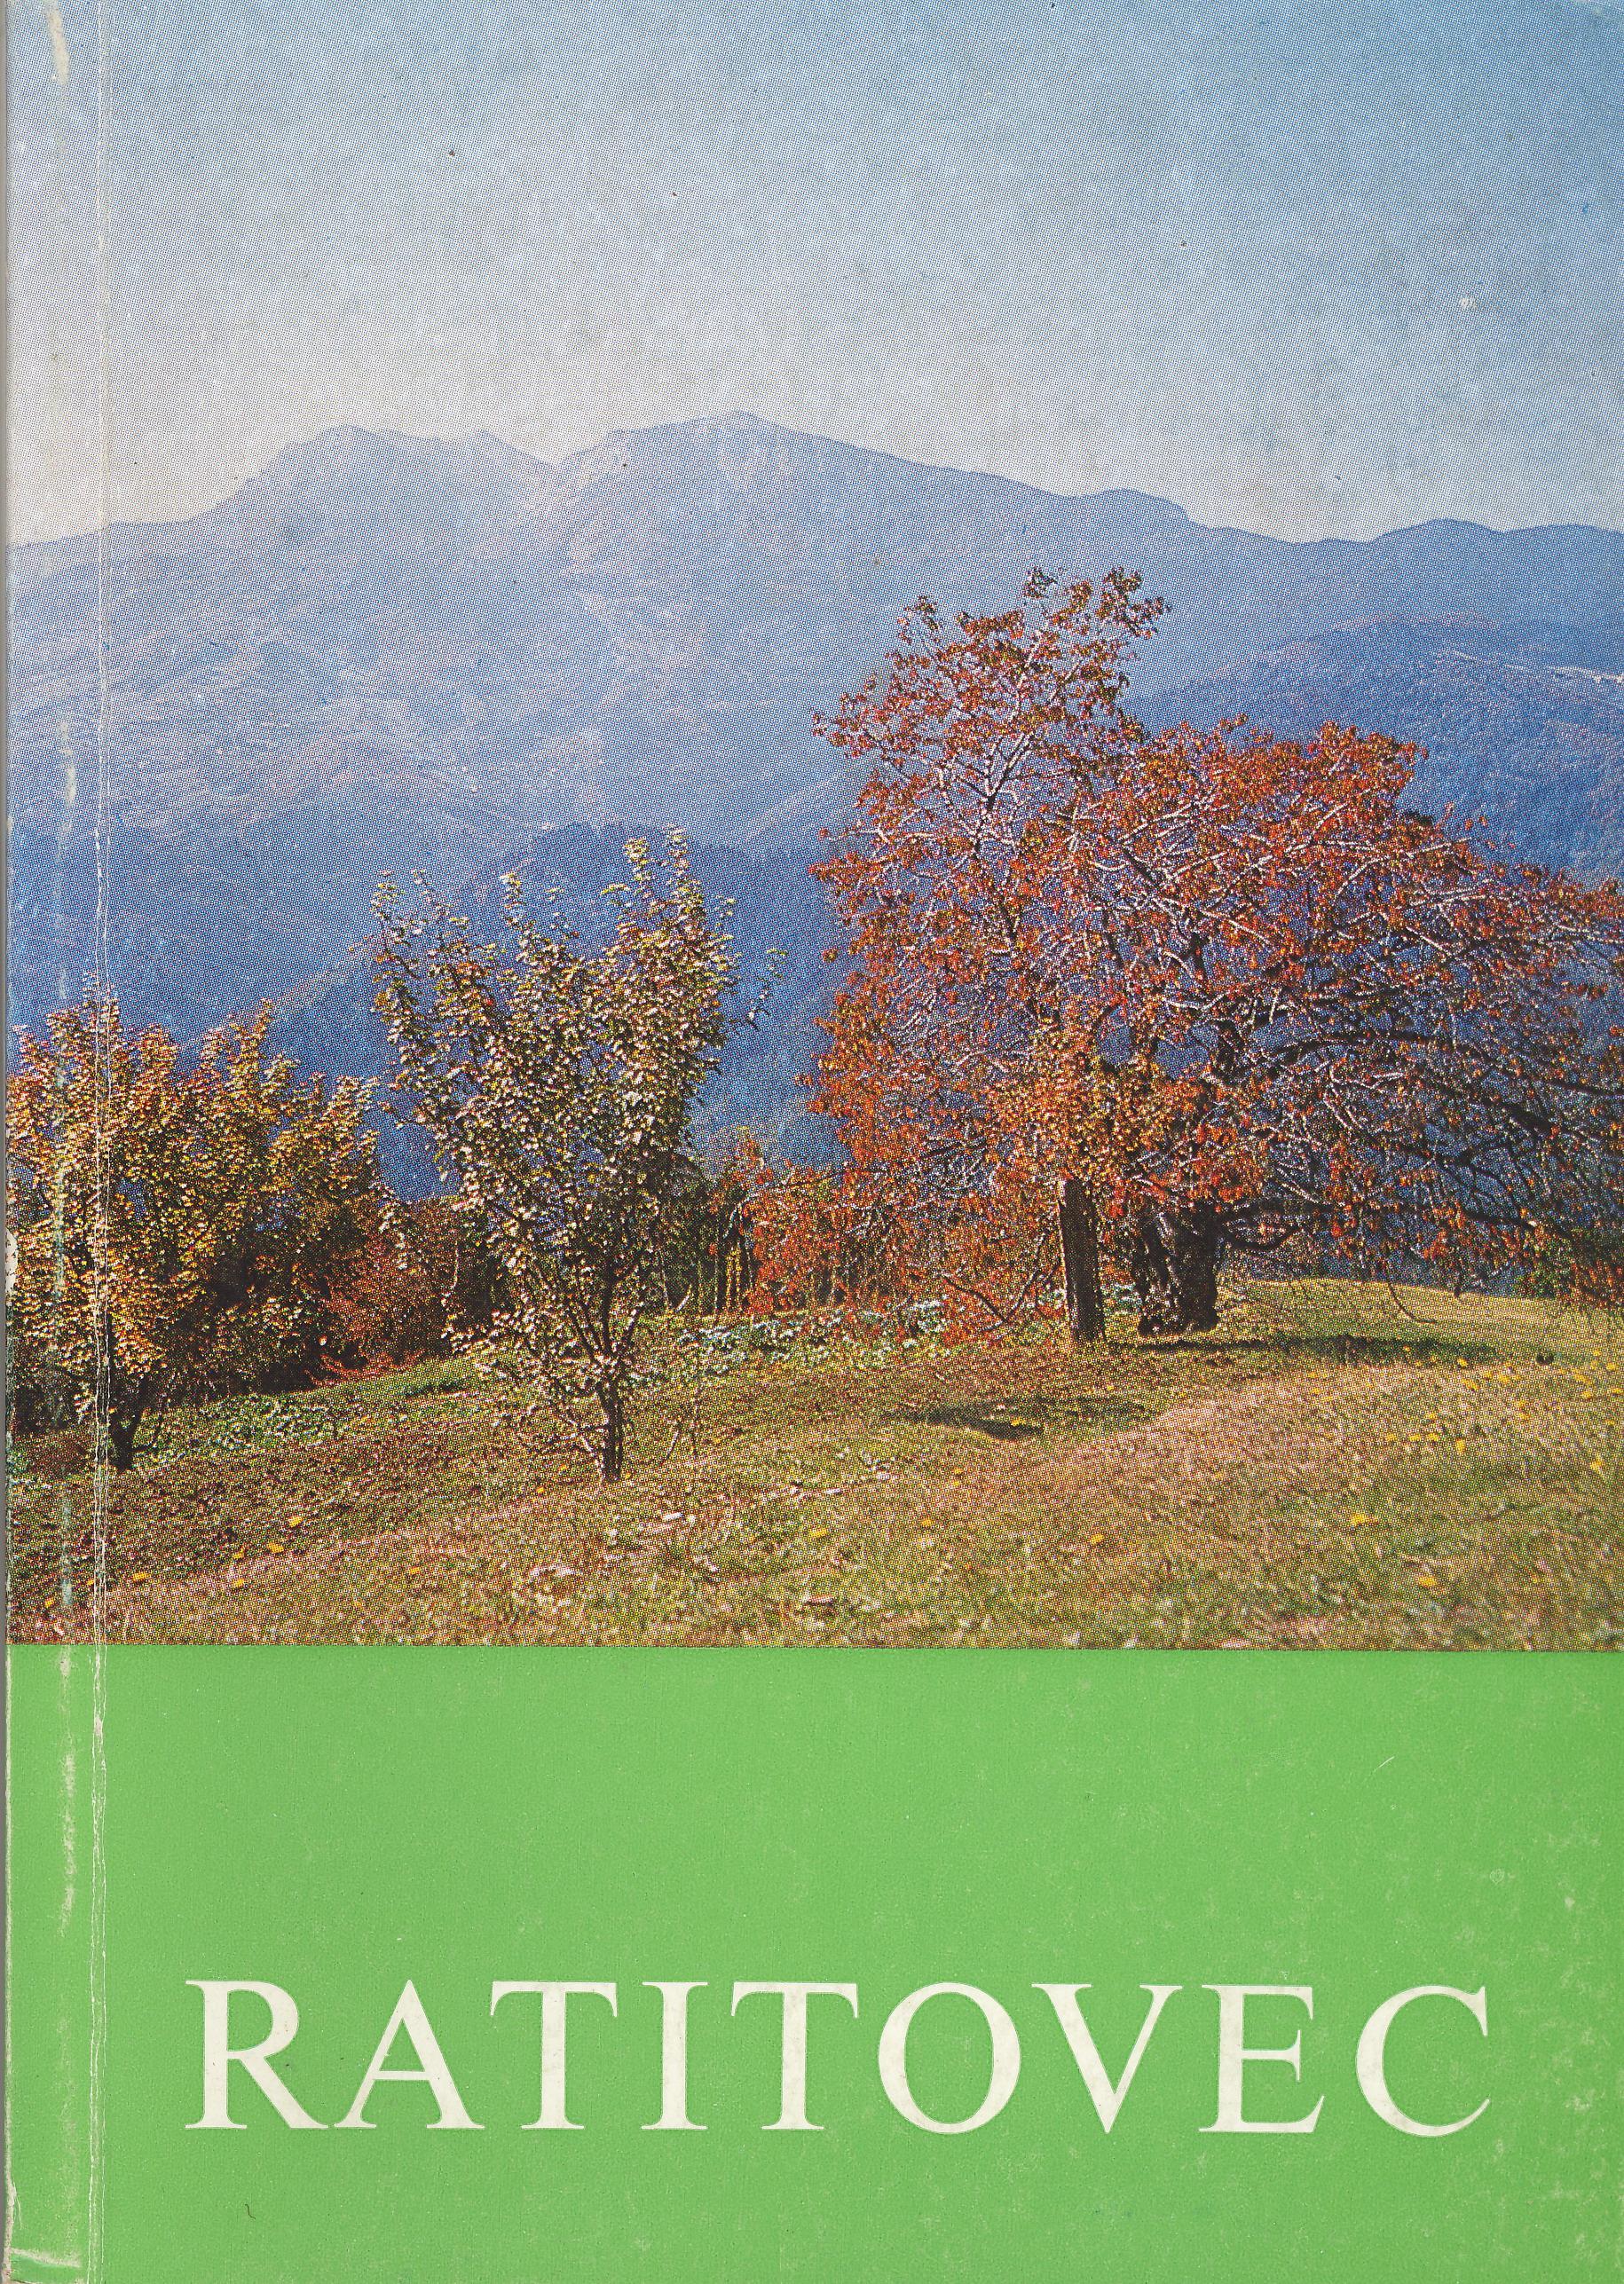 RATITOVEC Book Cover